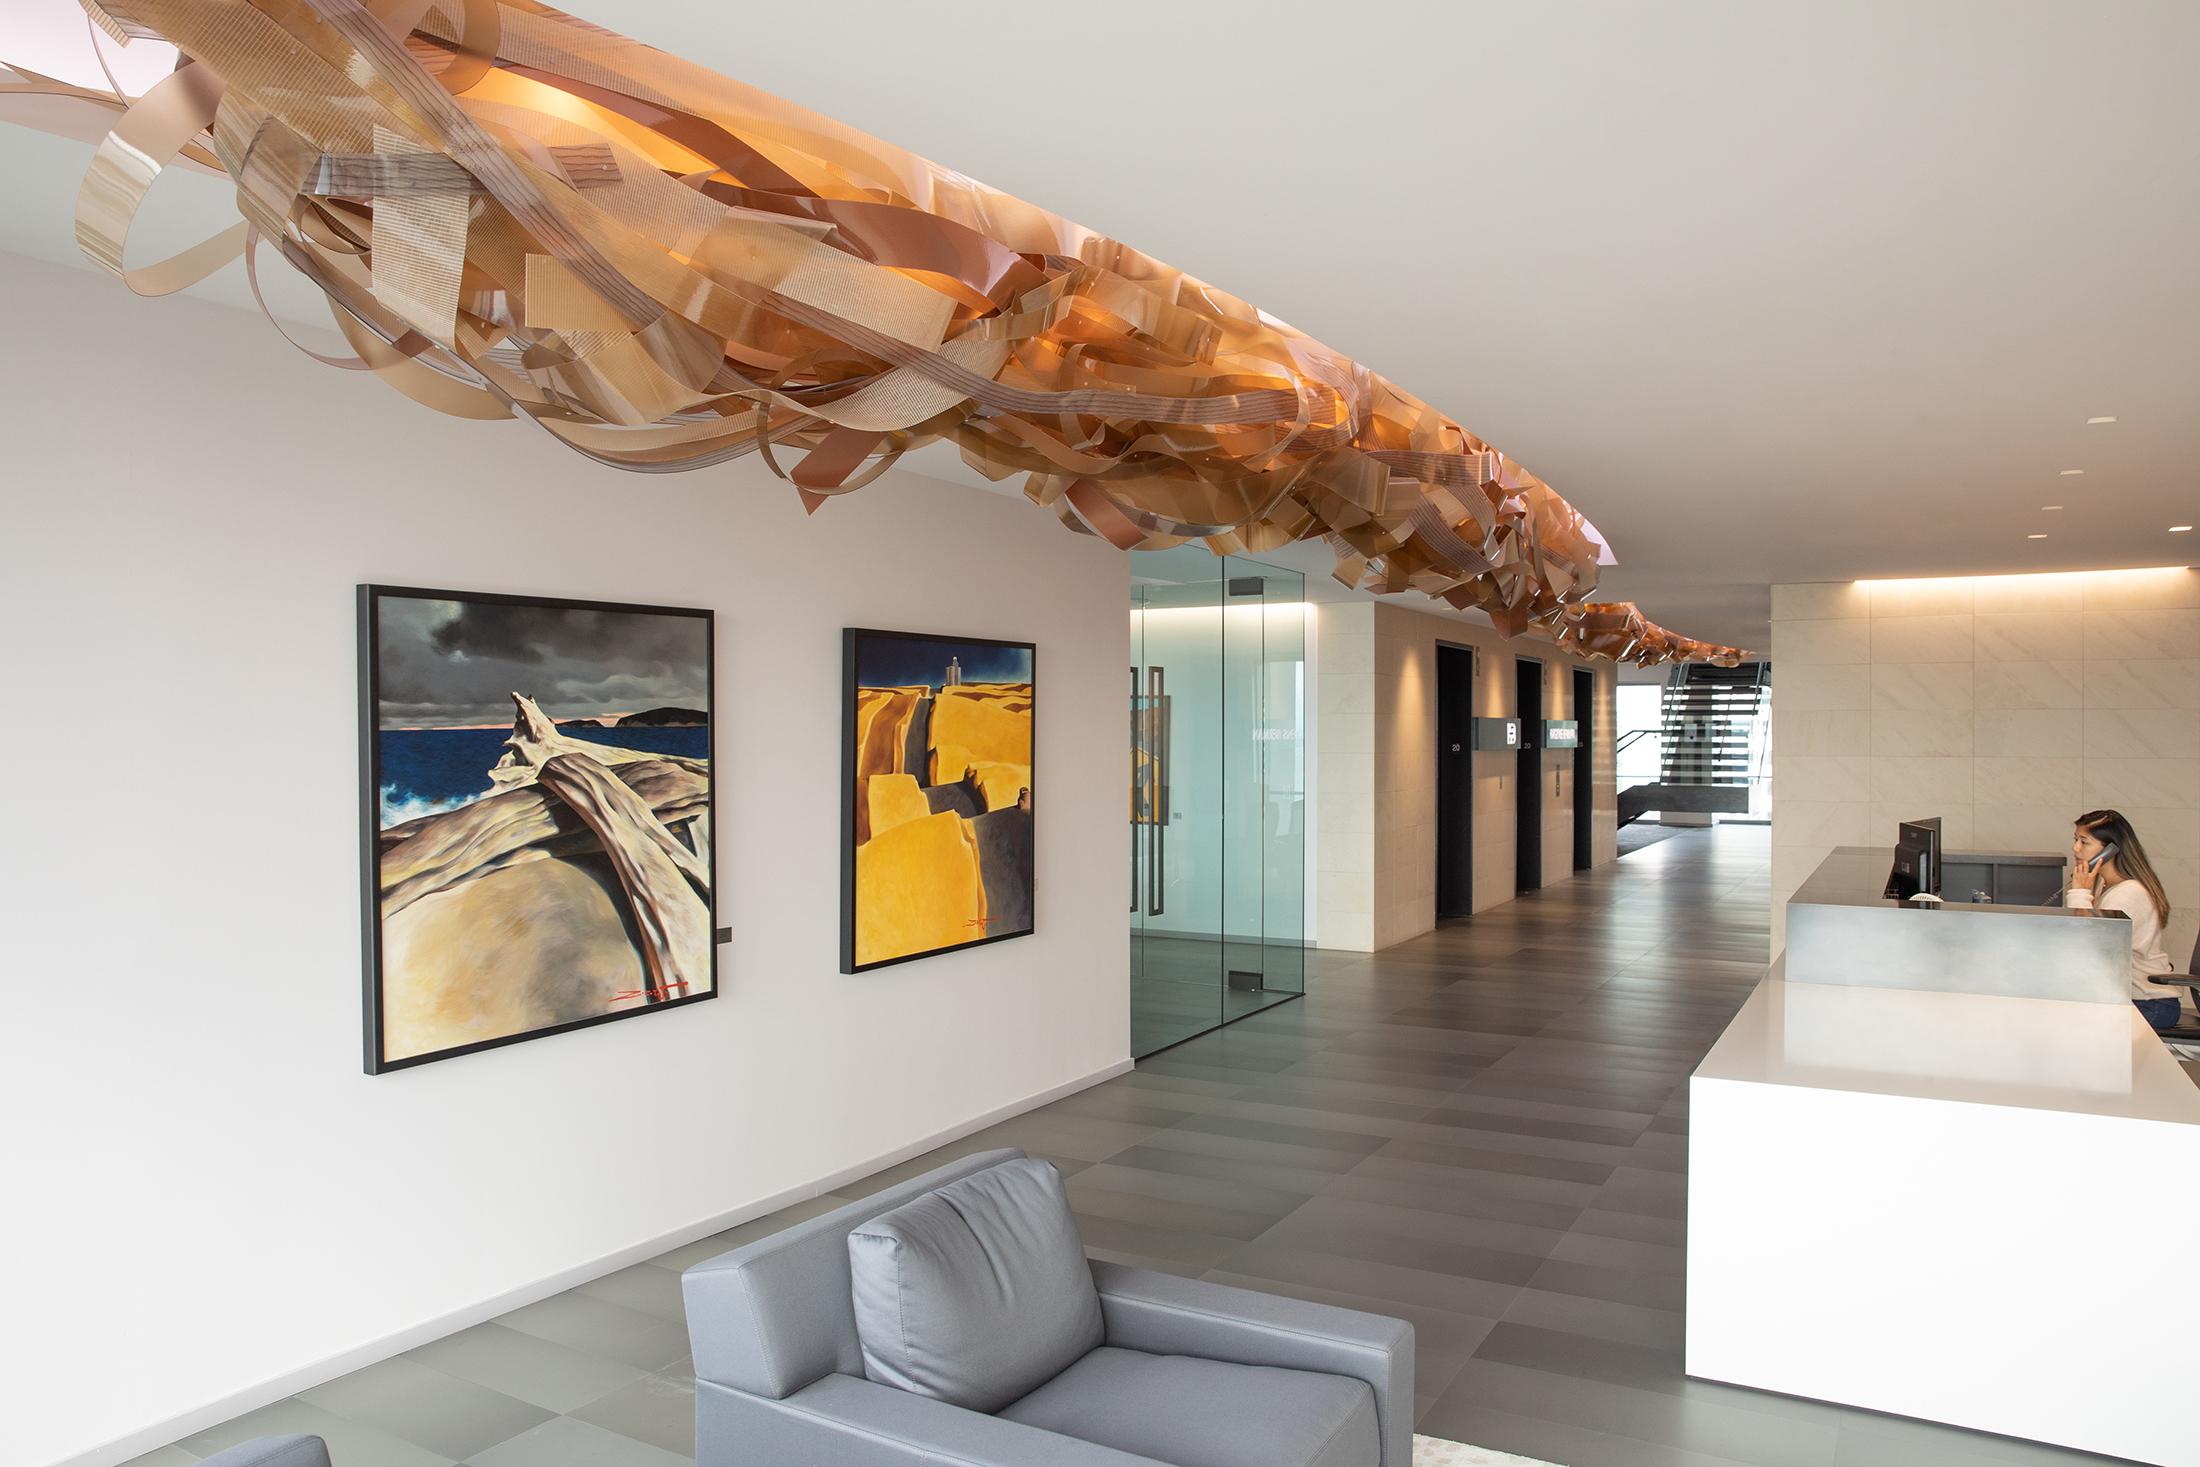 Hagens Berman Sobol Shapiro LLP | Linear Ribbon Sculpture